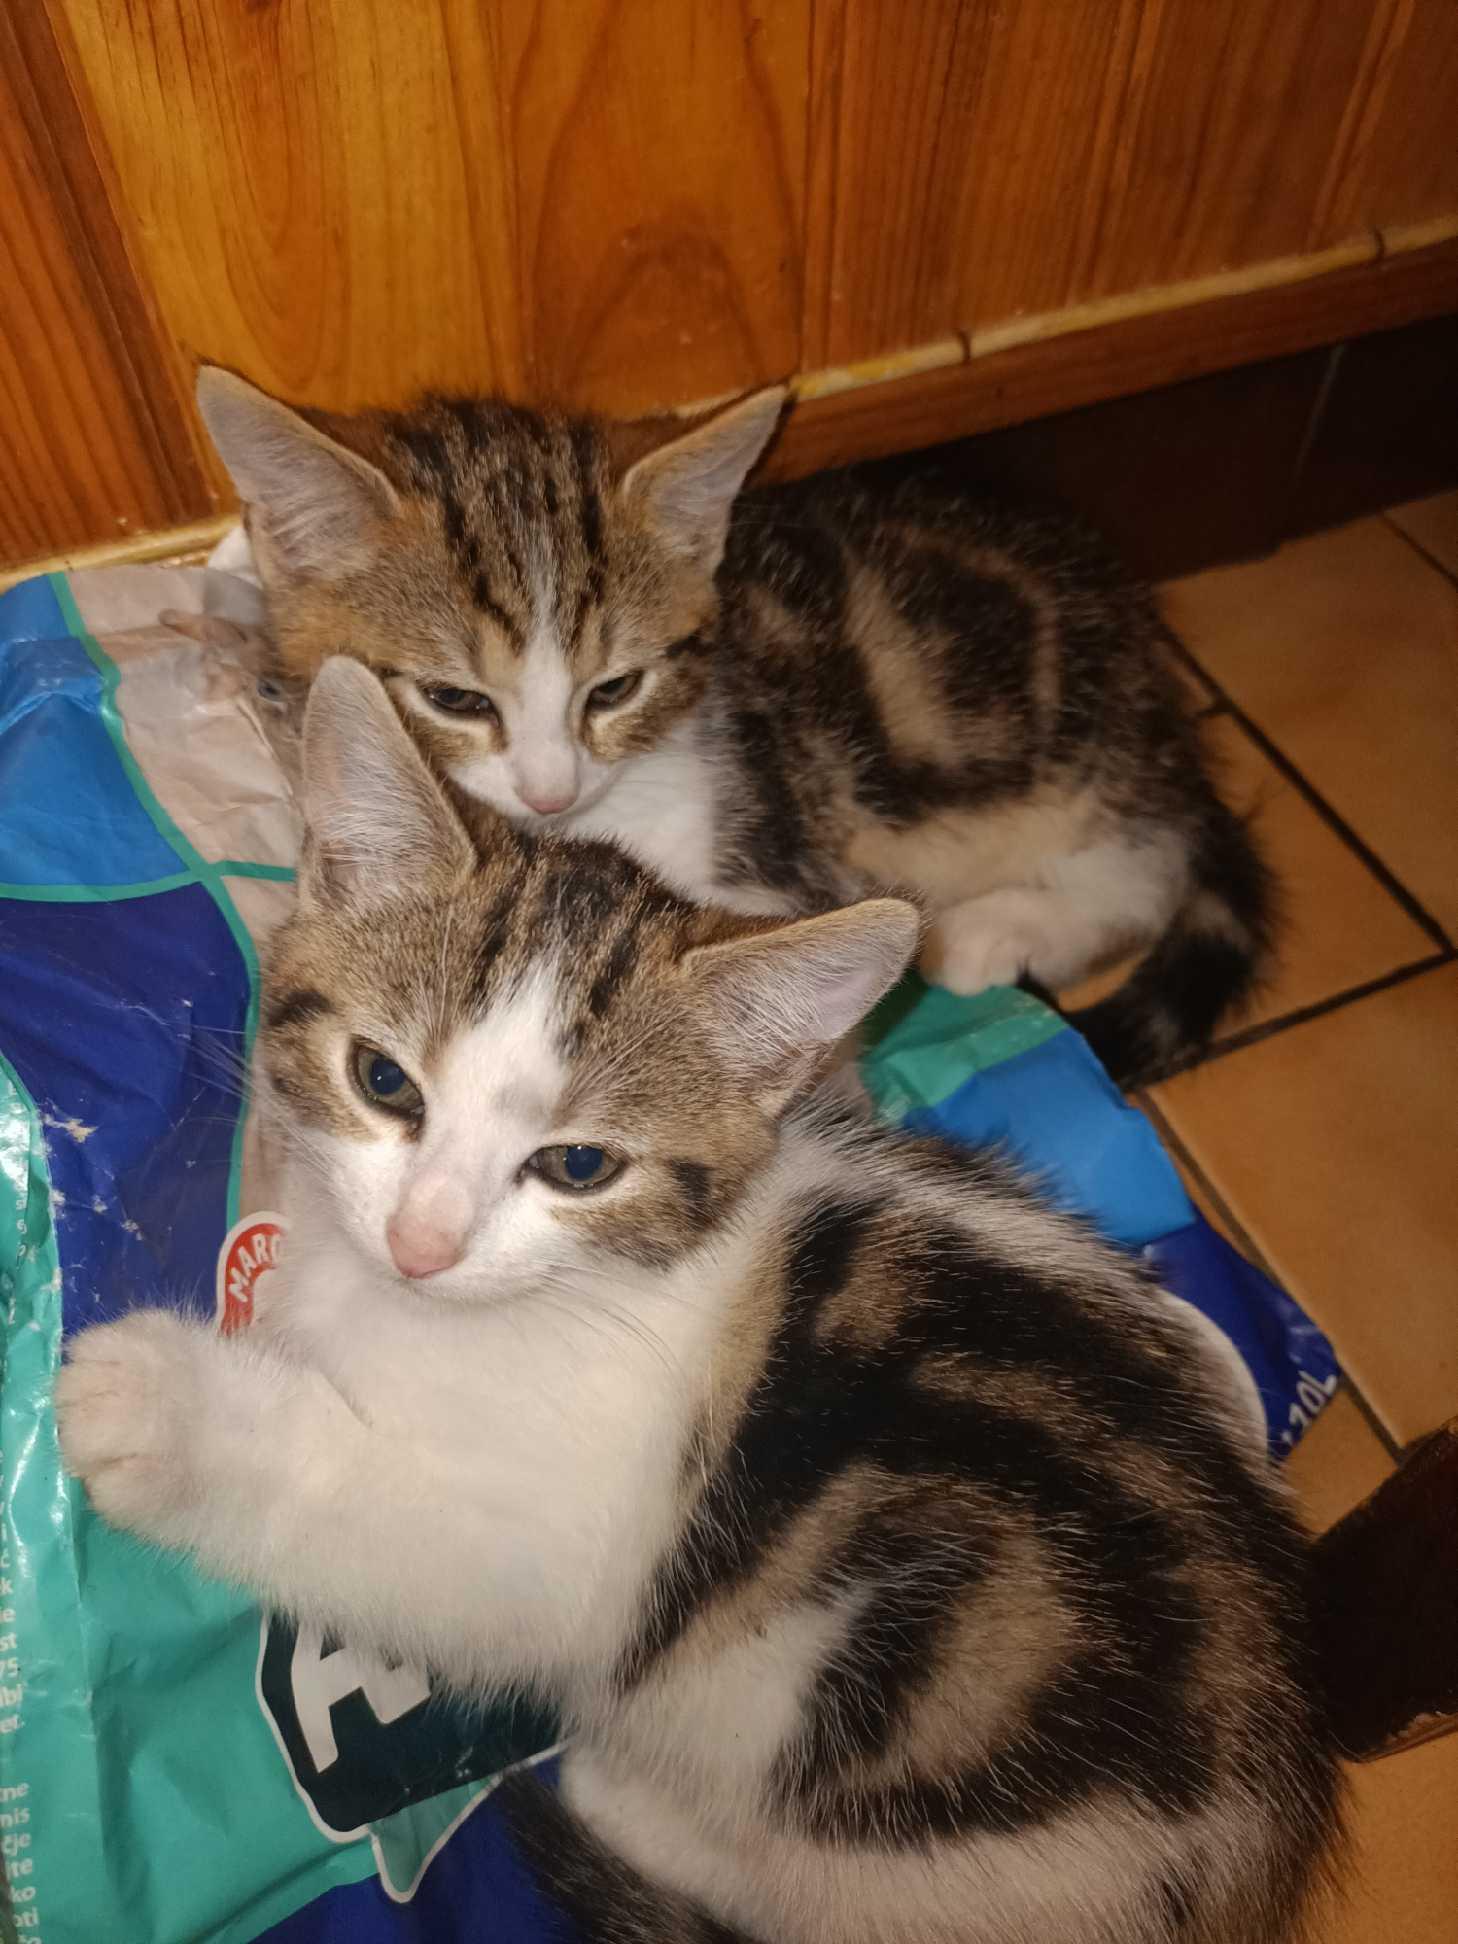 4 chatons de 3 mois (3 femelles et 1 male) mignons et gentils